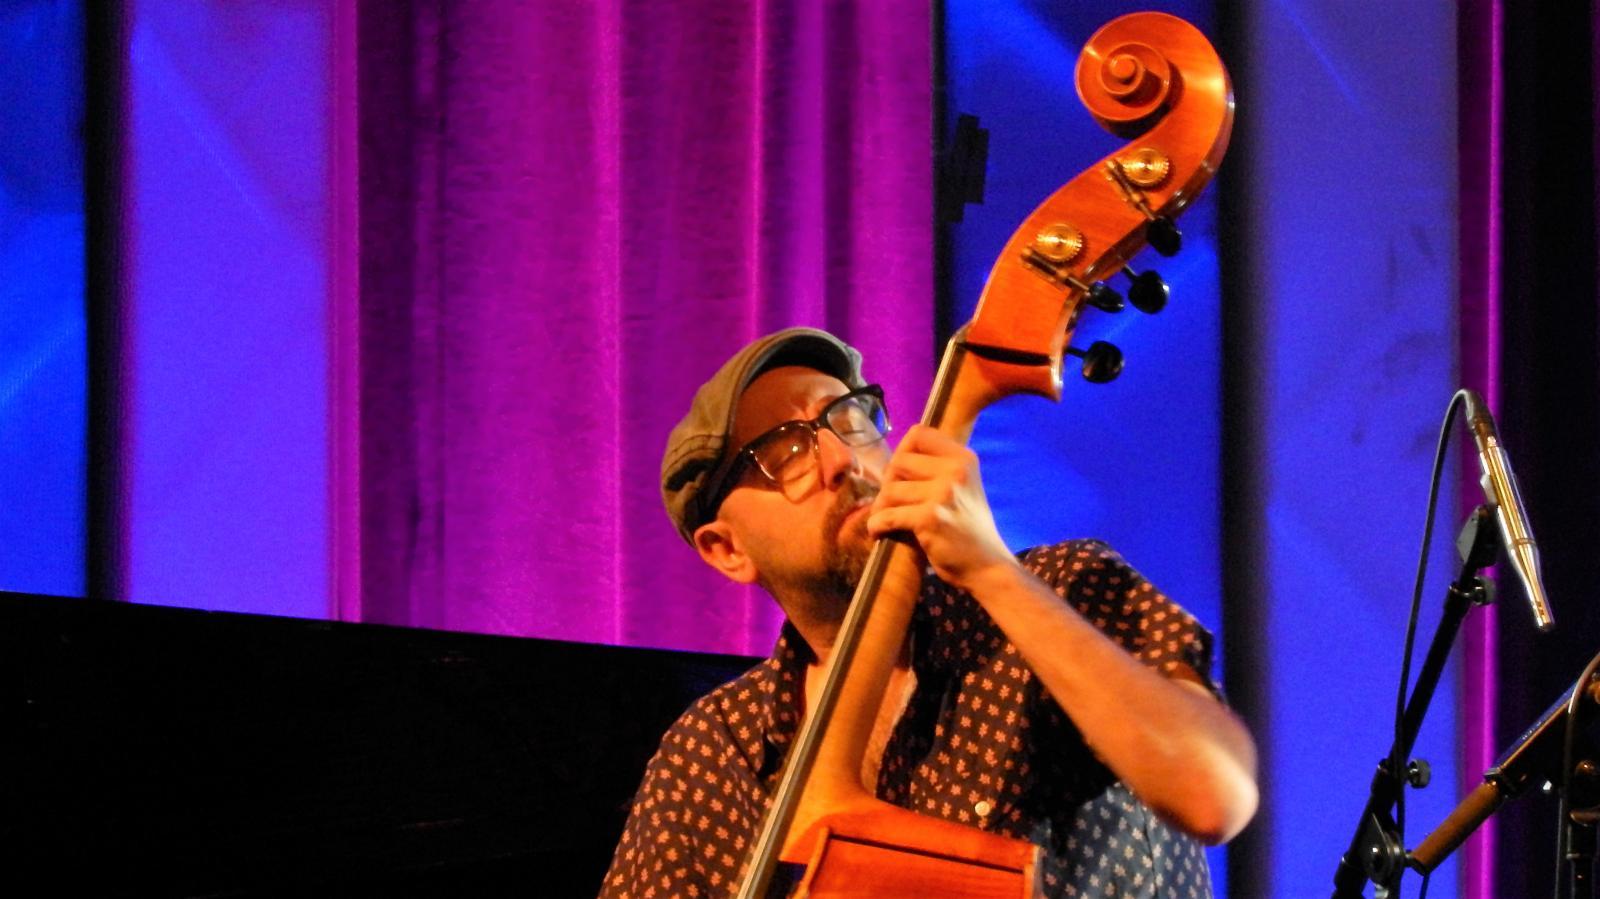 John Hebert at Getxo Jazz 2016